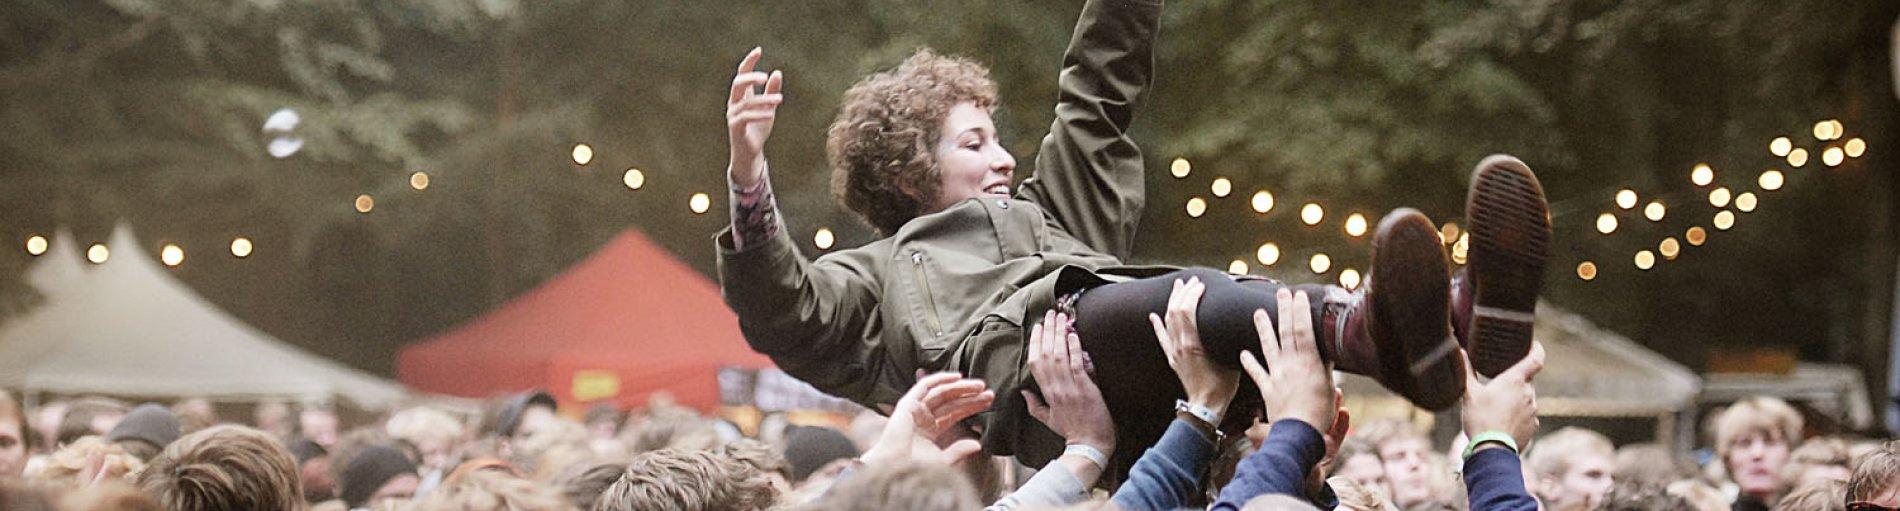 Eine Frau wird von der Konzertmenge getragen.